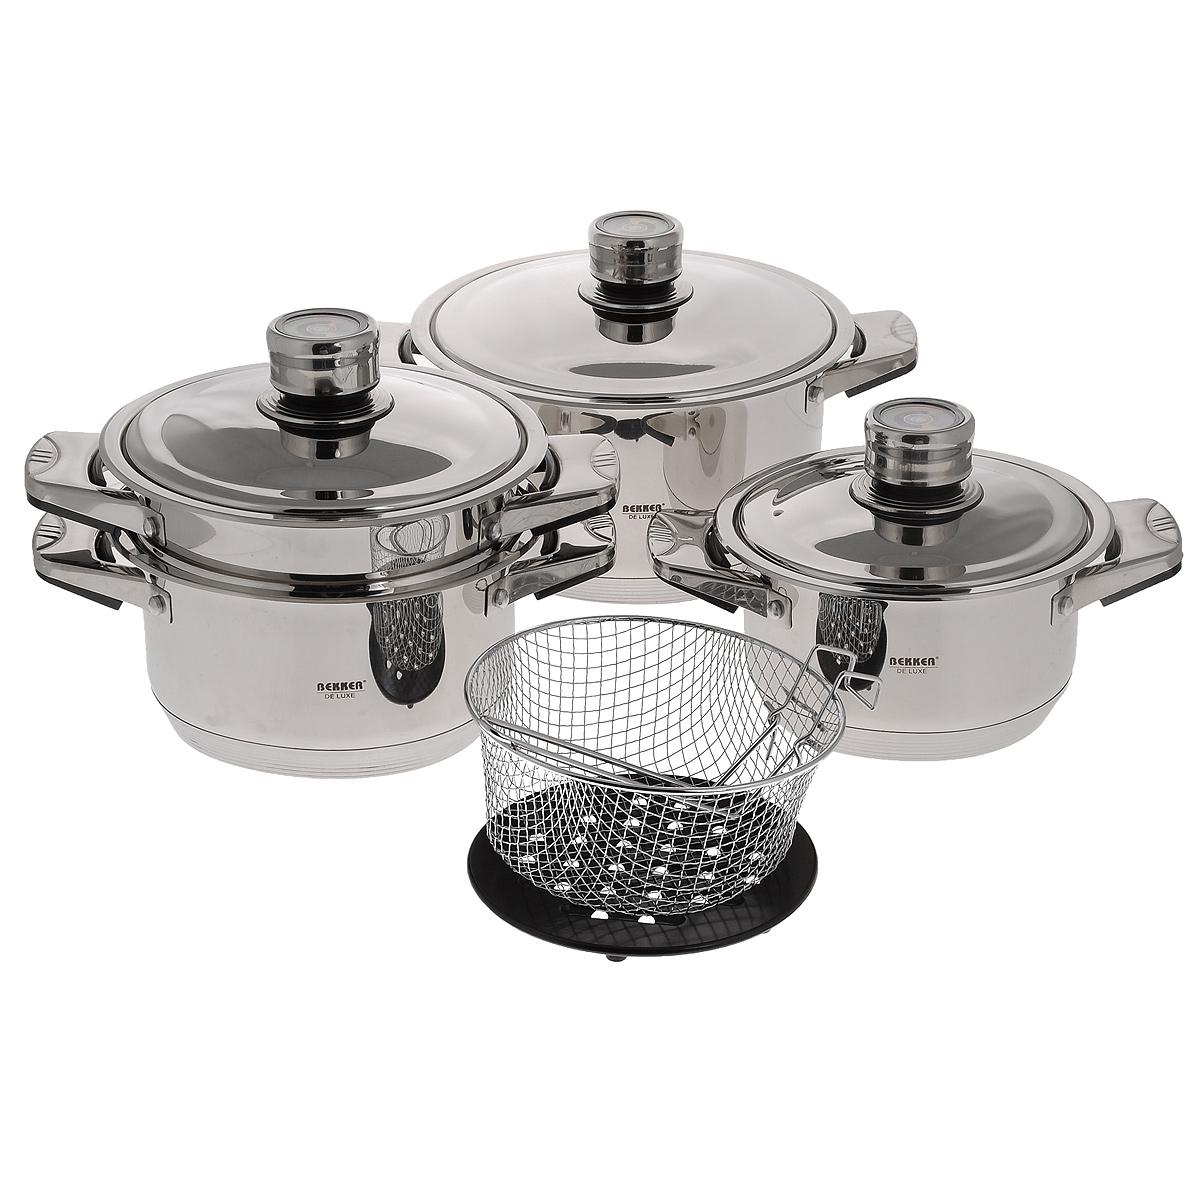 Набор посуды Bekker De Luxe, 9 предметов. BK-2865BK-2865Набор Bekker De Luxe состоит из 3 кастрюль с крышками, пароварки, корзины для жарки (фритюрницы) и подставки под горячее. Изделия изготовлены из высококачественной нержавеющей стали 18/10 с зеркальной полировкой. Посуда имеет капсулированное термическое дно - совершенно новая разработка, позволяющая готовить здоровую пищу. Благодаря уникальной конструкции дна, тепло, проходя через металл, равномерно распределяется по стенкам посуды. В процессе приготовления пищи нижний слой дна остается идеально ровным, обеспечивая идеальный контакт между дном посуды и поверхностью плиты. Быстрая проводимость тепла и экономия энергии обеспечивается за счет использования при изготовлении дна разнородных материалов, таких как алюминий и сталь. Проходя через стальной нижний слой, тепло мгновенно попадает на алюминиевый слой, где и происходит его равномерное распределение. Внутри дна концентрируется очень высокая температура, которая практически мгновенно распределяется по все поверхности посуды. Для приготовления пищи в такой посуде требуется минимальное количество масла и воды, тем самым уменьшается риск потери витаминов и минералов в процессе термообработки продуктов. Посуда оснащена удобными металлическими ручками с черными бакелитовыми вставками. Специальный ободок по краям изделий предотвращает растекание жидкости при наполнении и переливании, что способствует сохранению чистоты стенок. Крышки выполнены из нержавеющей стали. Встроенные в крышки термодатчики помогают готовить пищу, соблюдая оптимальный температурный режим.Подставка под горячее выполнена из бакелита.Внутренние стенки кастрюль имеют отметки литража.Посуду можно использовать на всех типах плит, кроме индукционных. Можно использовать в духовке и мыть в посудомоечной машине. Объем кастрюль: 2,7 л; 3,6 л; 6,3 л.Внутренний диаметр кастрюль: 18 см; 20 см; 24 см.Высота стенок: 11,5 см; 12 см; 14,5 см.Ширина кастрюль с учетом ручек: 29 см; 31 см; 36 см.Диаметр дна: 15,5